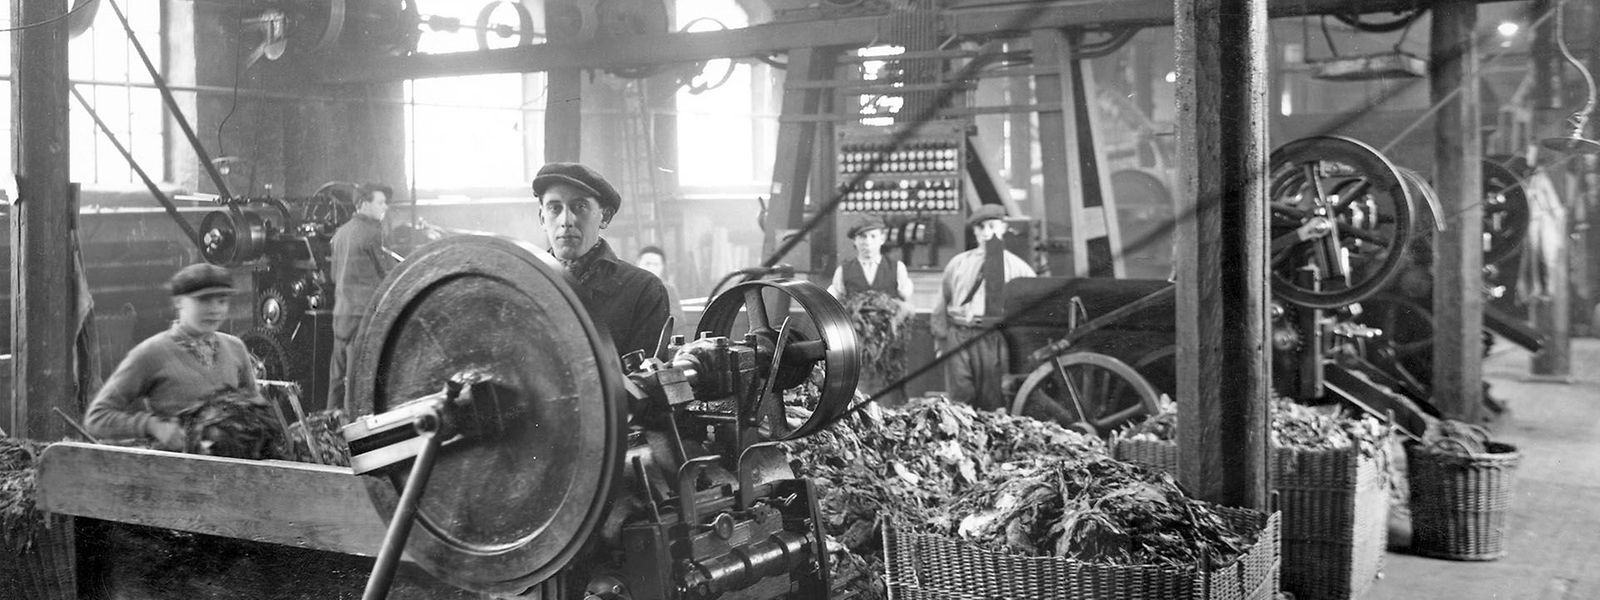 Arbeiter in der Hollericher Manufaktur von Heintz van Landewyck (um 1920).